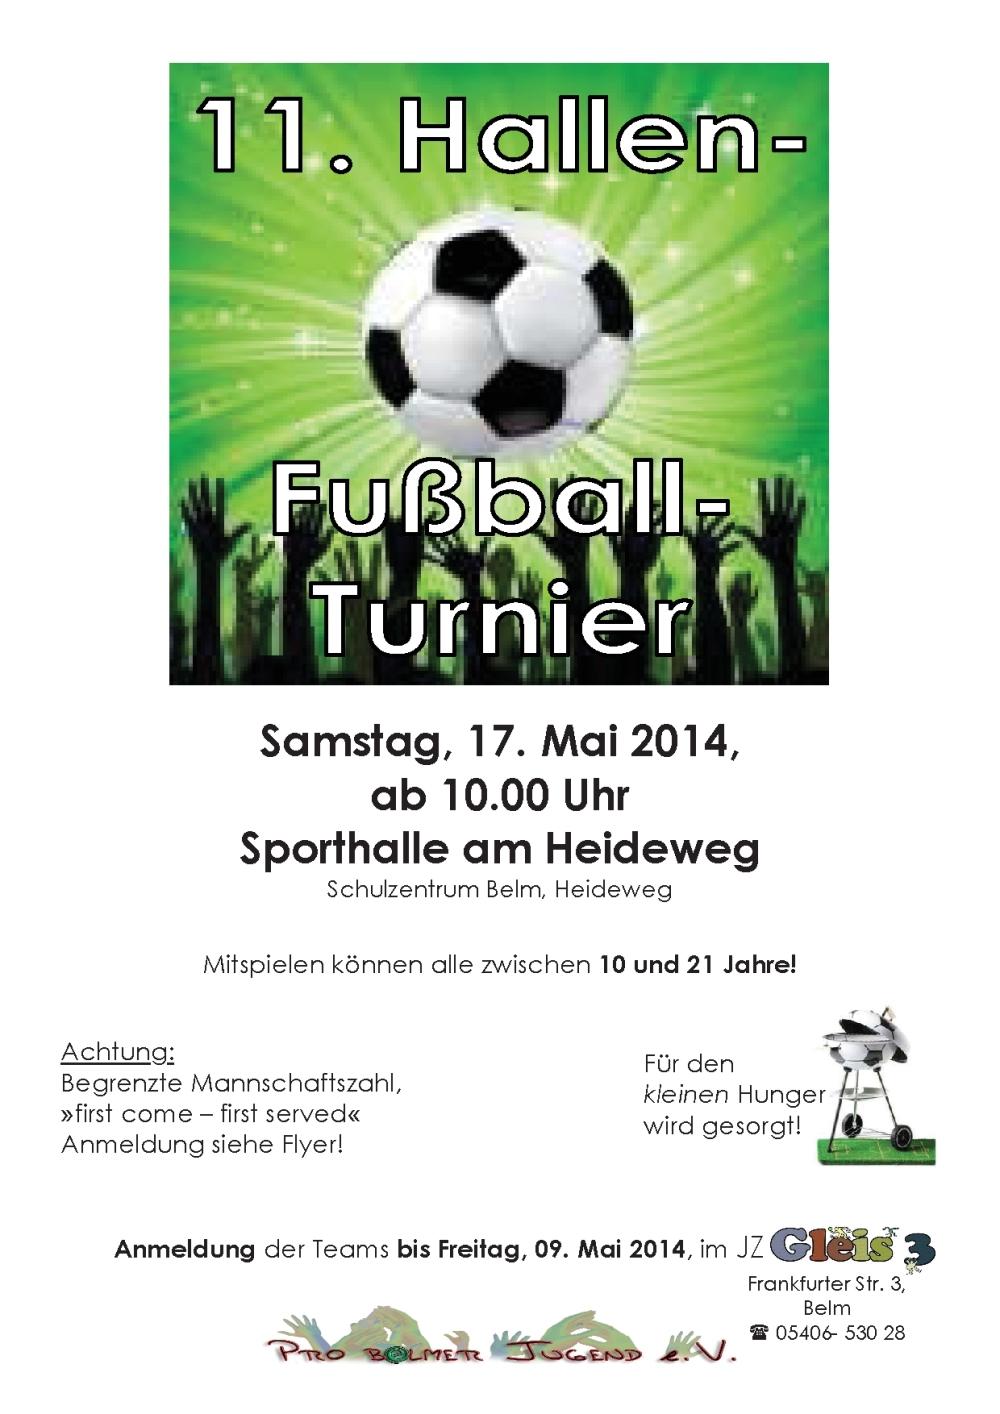 Plakat-Fußball-Hallen-Turnier 2014-Variante 2